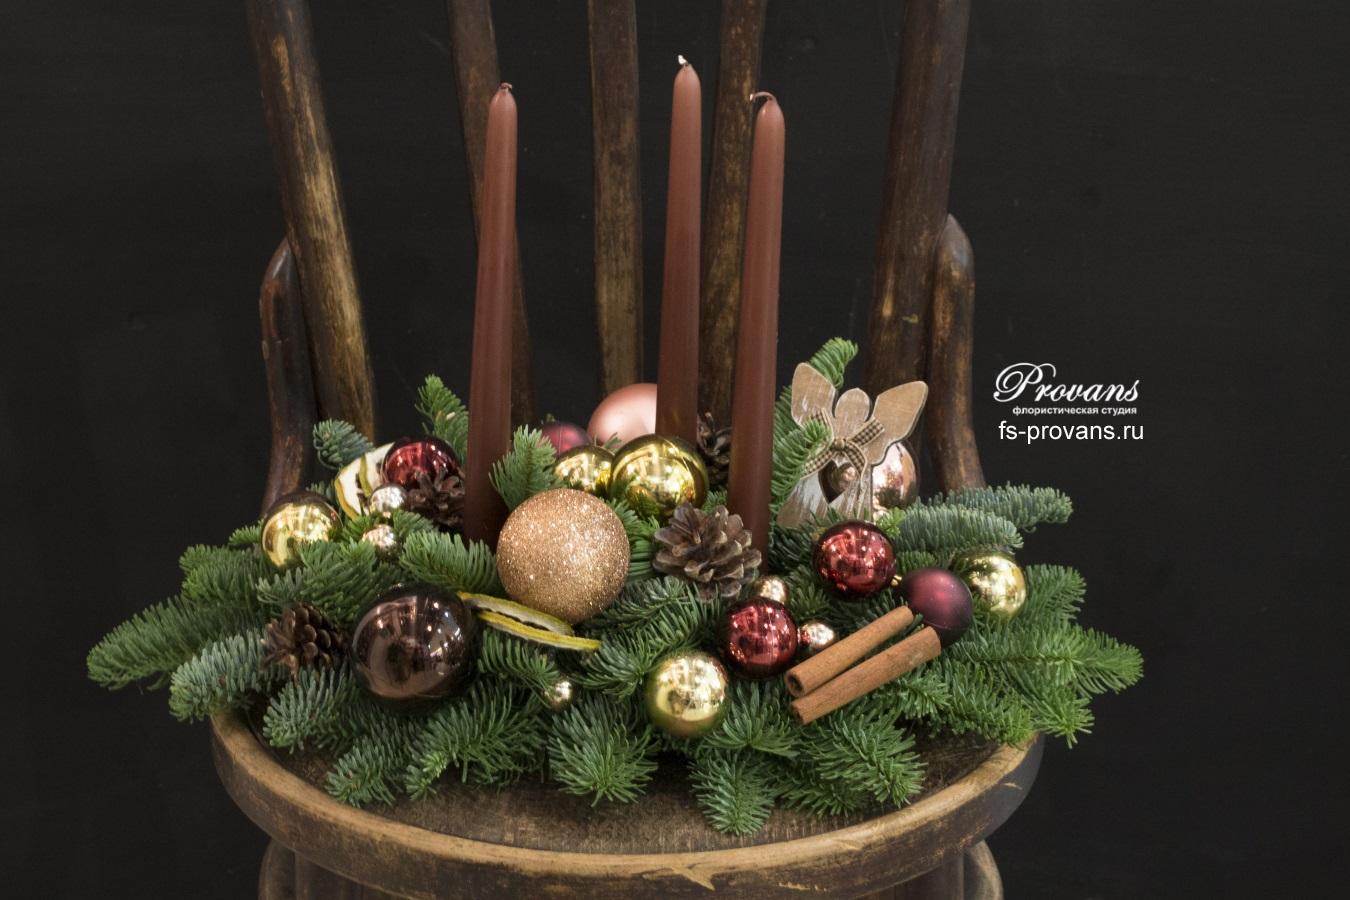 Новогодняя композиция. Датская ель и декор